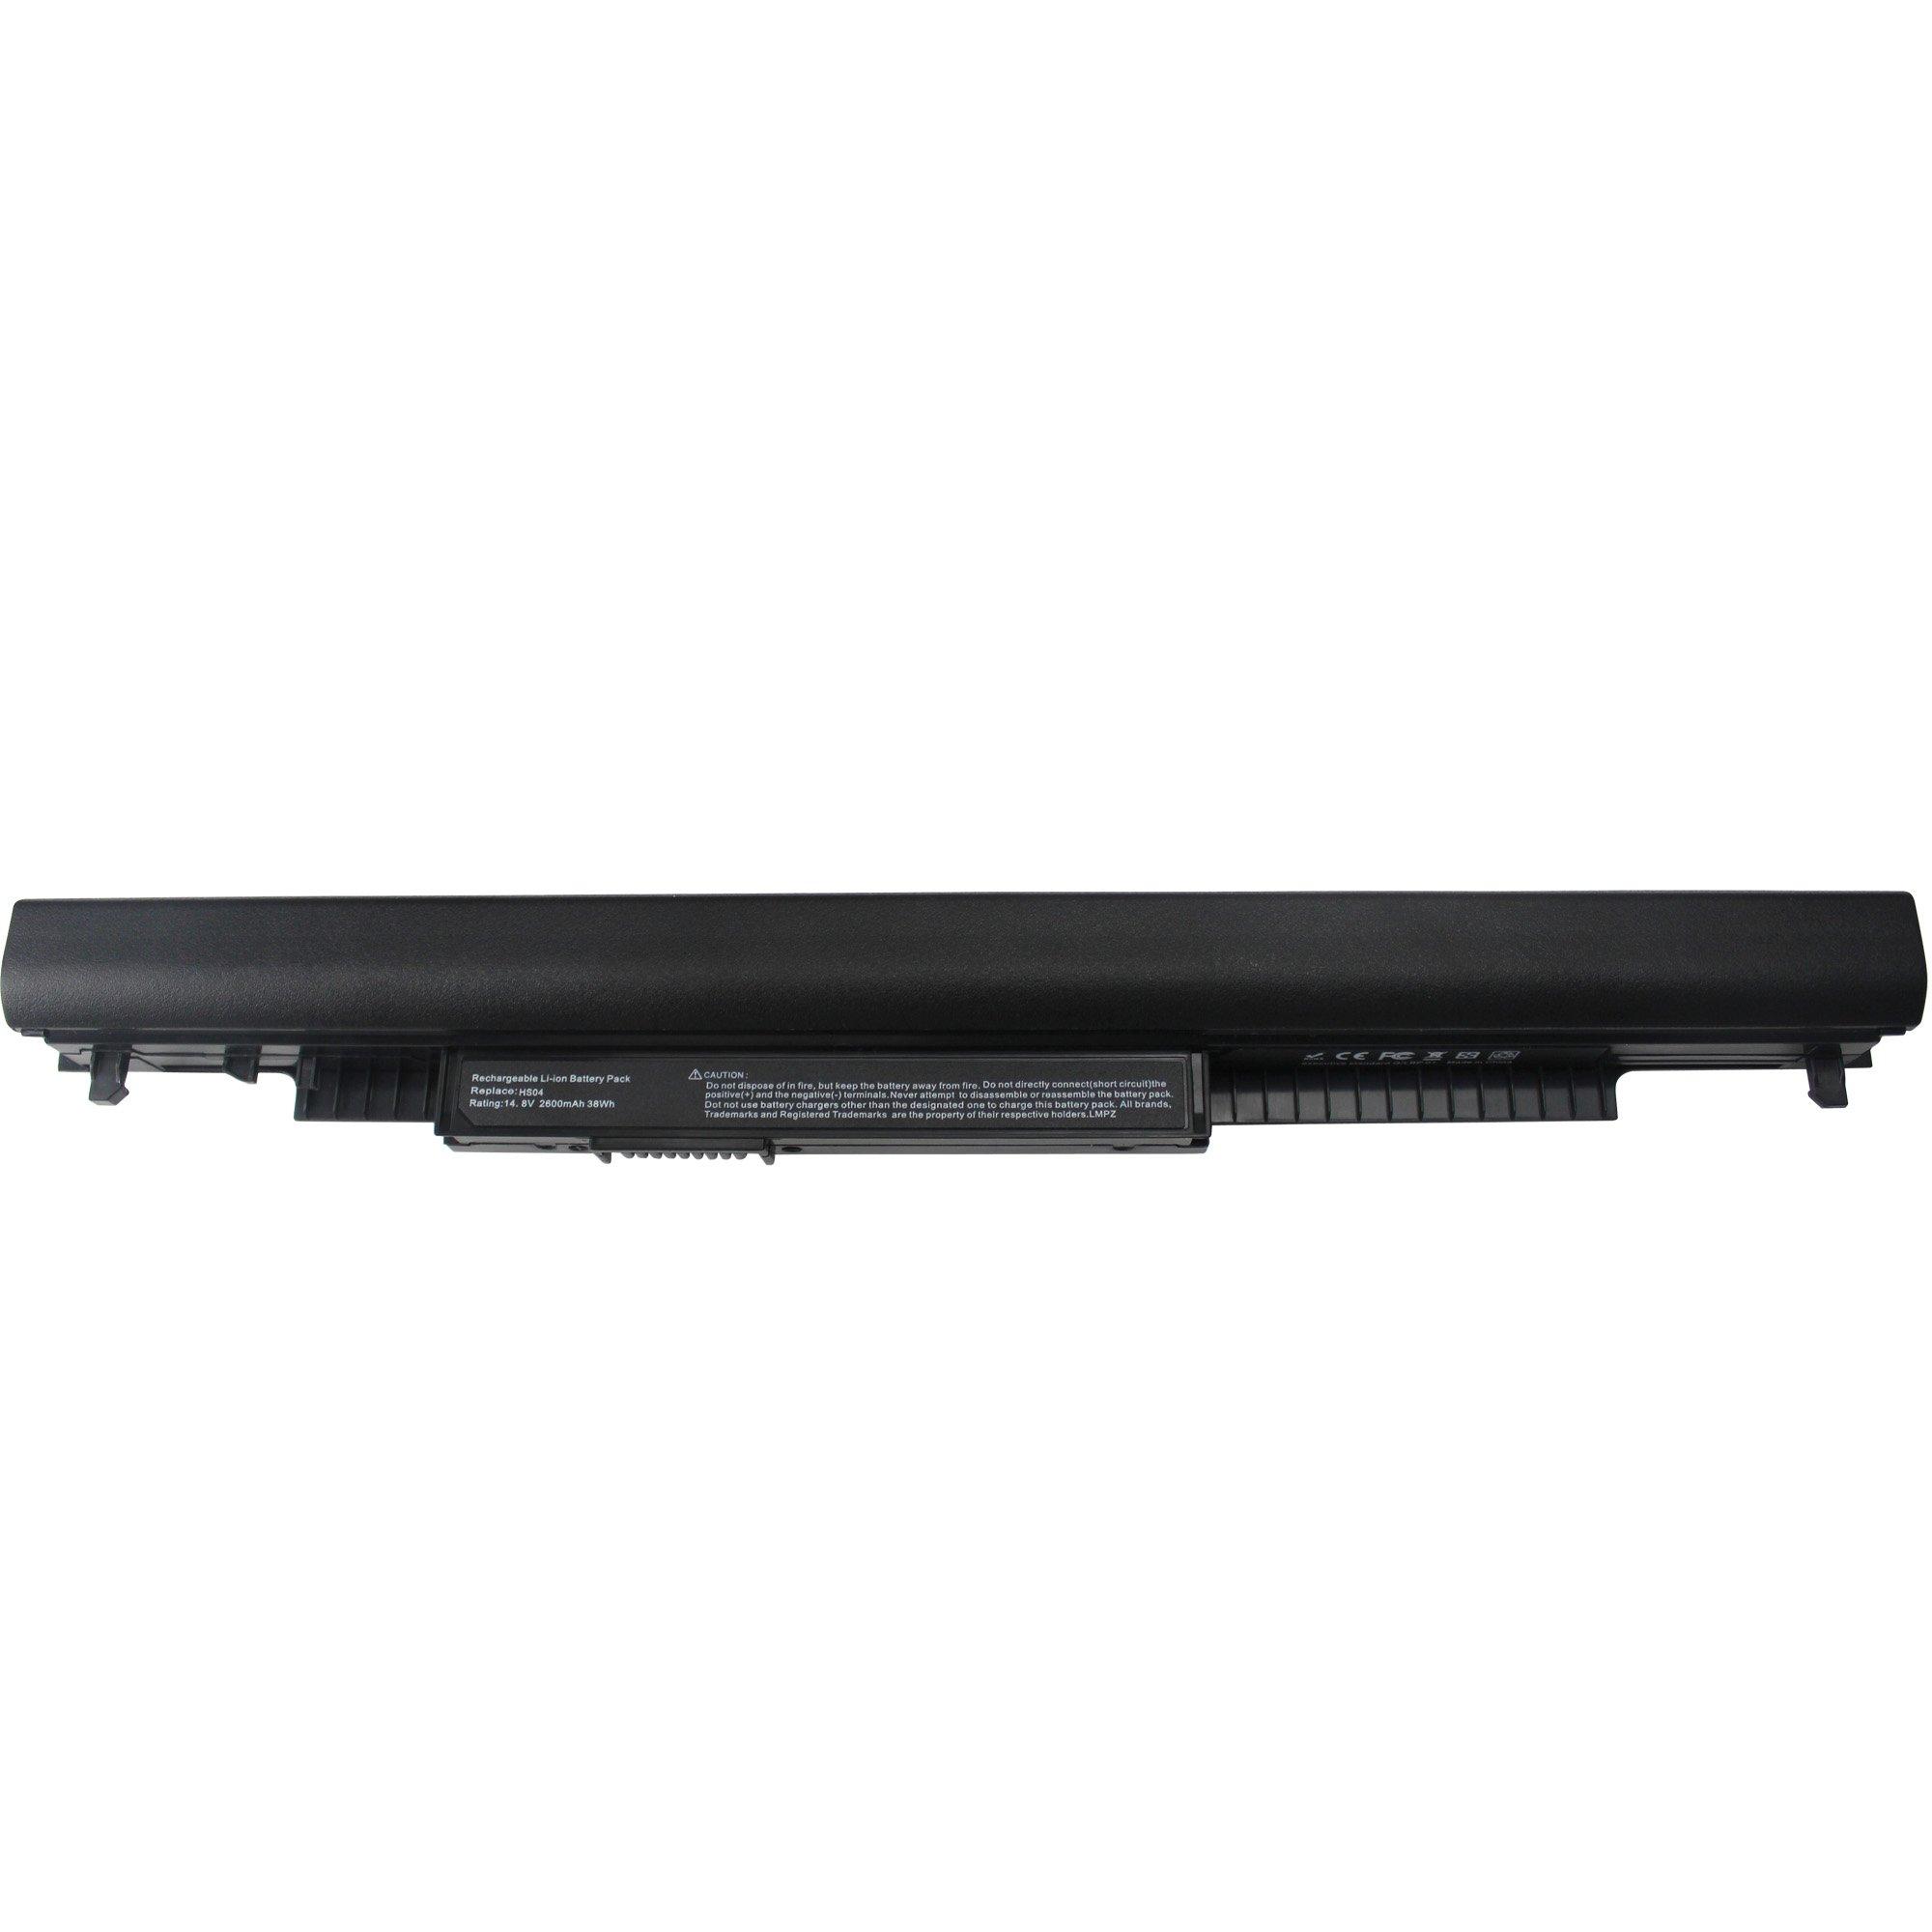 Bateria Hs04 Hs03 hp para HP 807957-001 807956-001 807612-421 807611-141 807612-831 Hstnn-lb6u Hstnn-pb6s Hstnn-lb6v hp